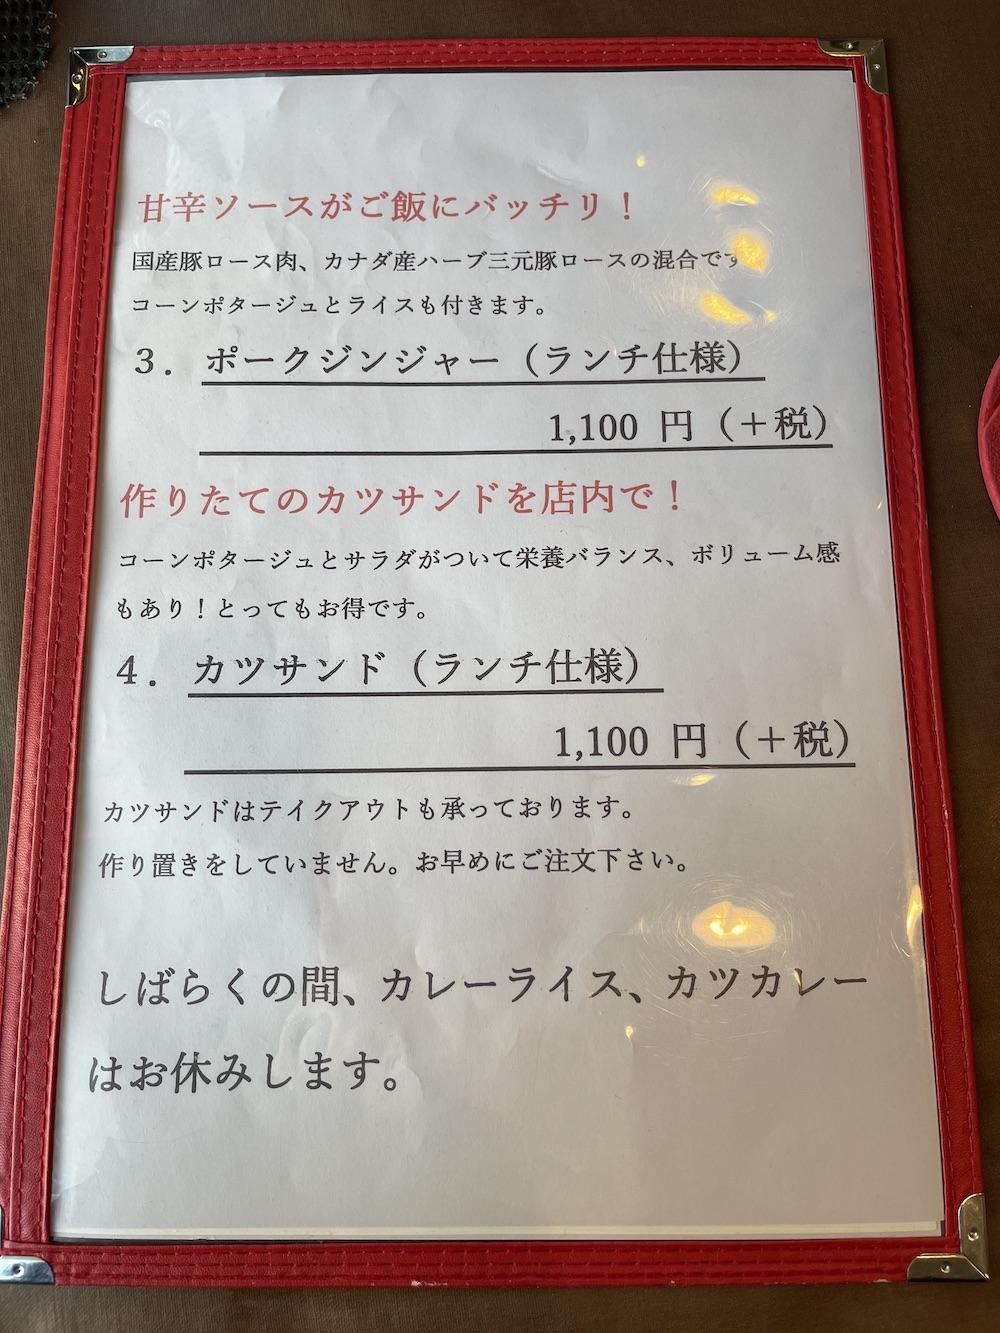 洋食工房ヒロランチメニュー ポークジンジャー/カツサンド